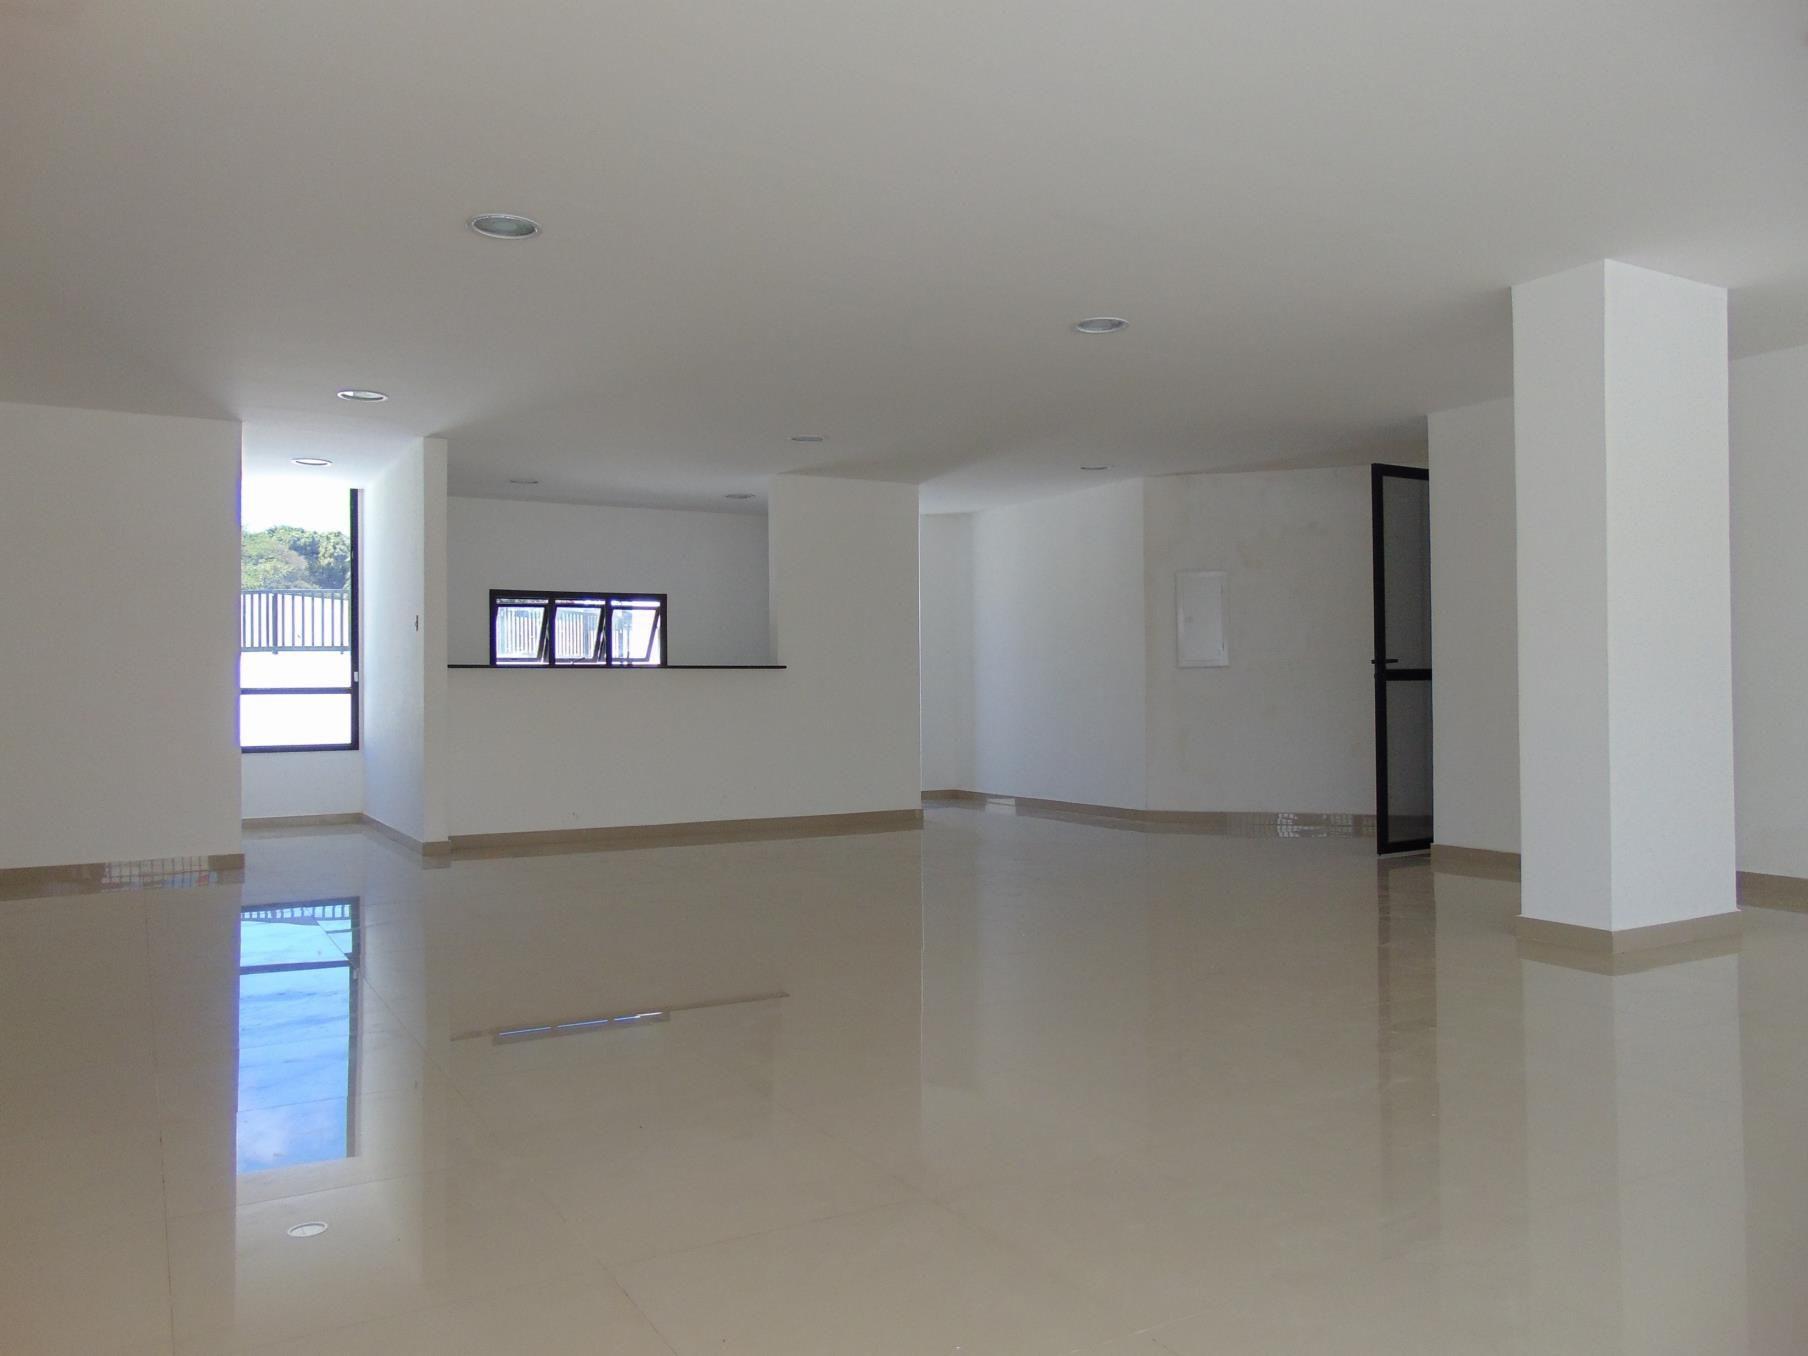 Foto do salão de festas do Residencial Vista Bella